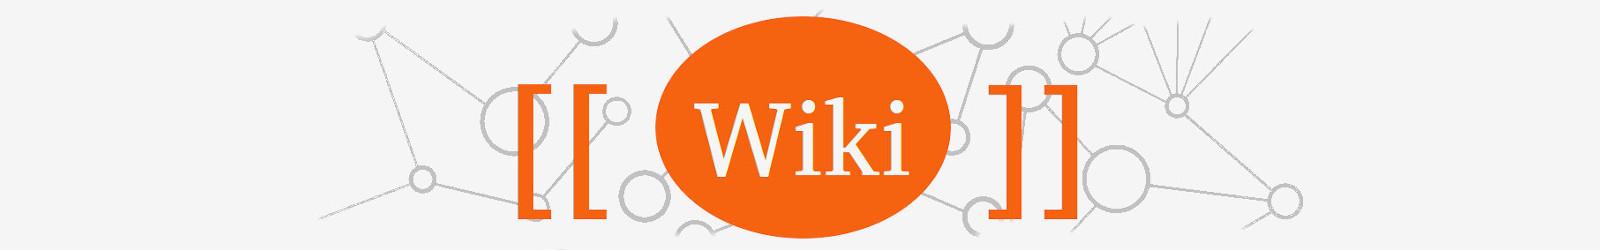 Knowldegebase and Document Management using Wiki